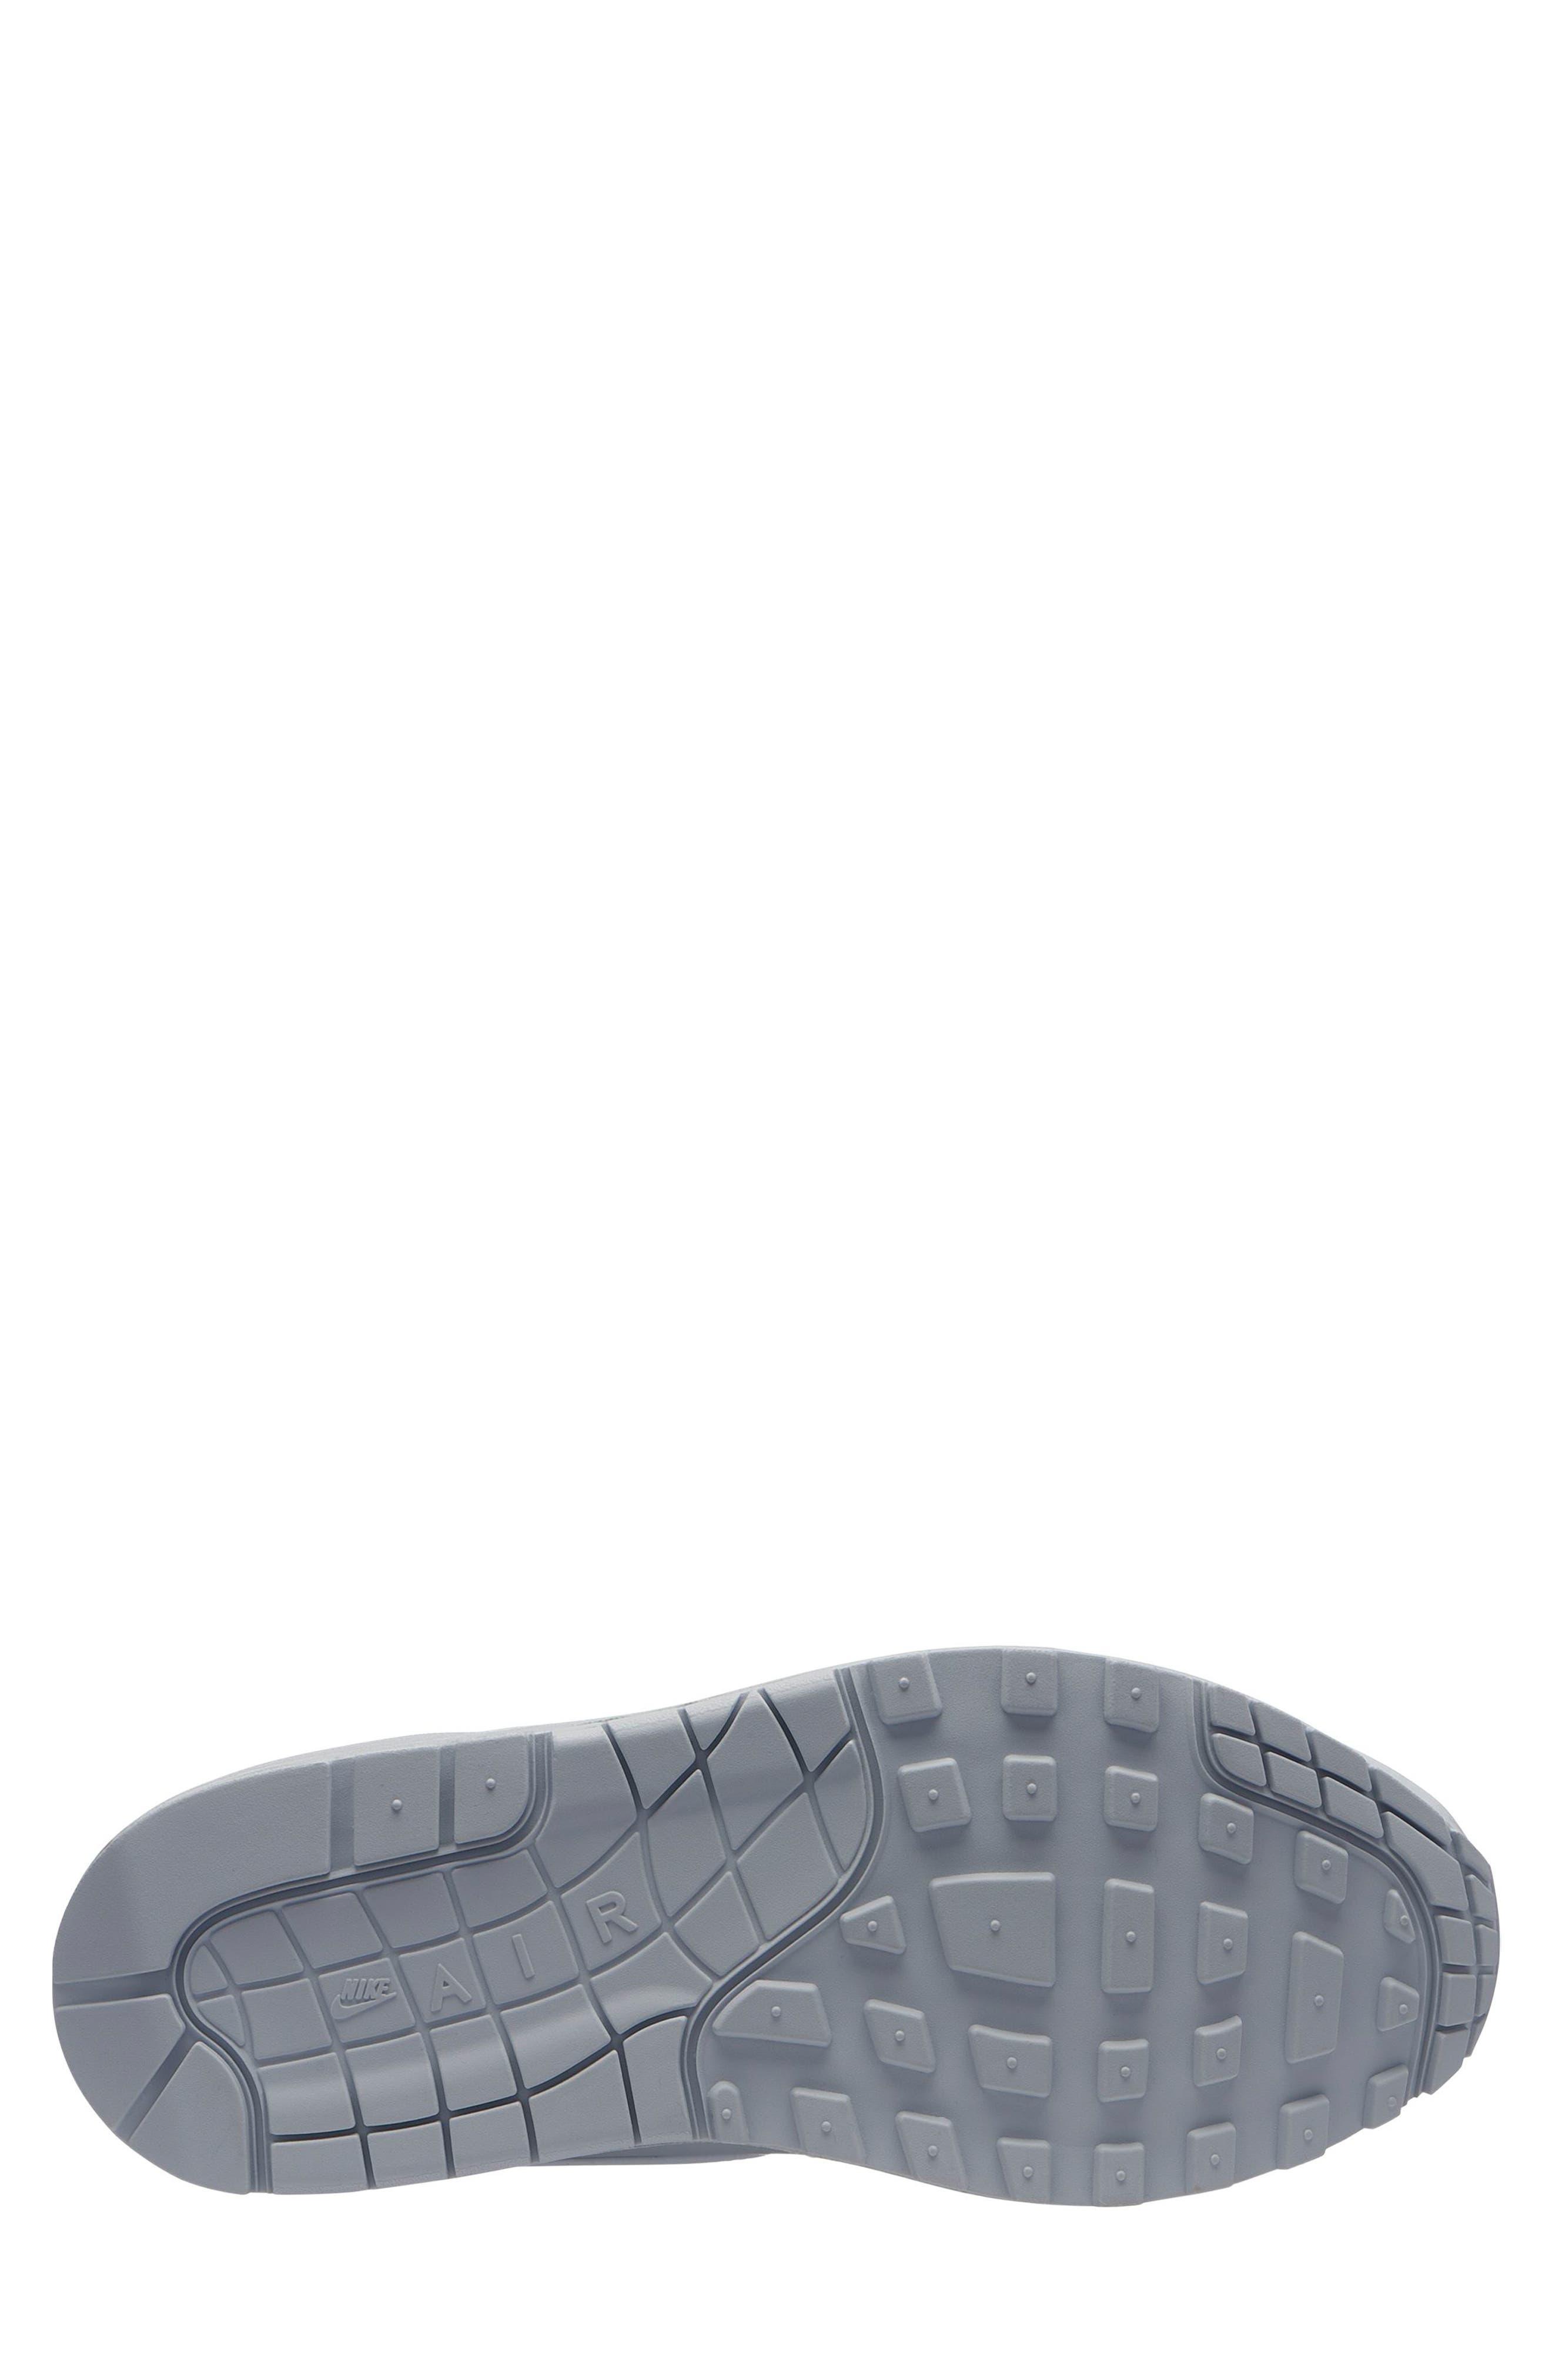 Air Max 1 Lux Sneaker,                             Alternate thumbnail 2, color,                             PURE PLATINUM/ PURE PLATINUM